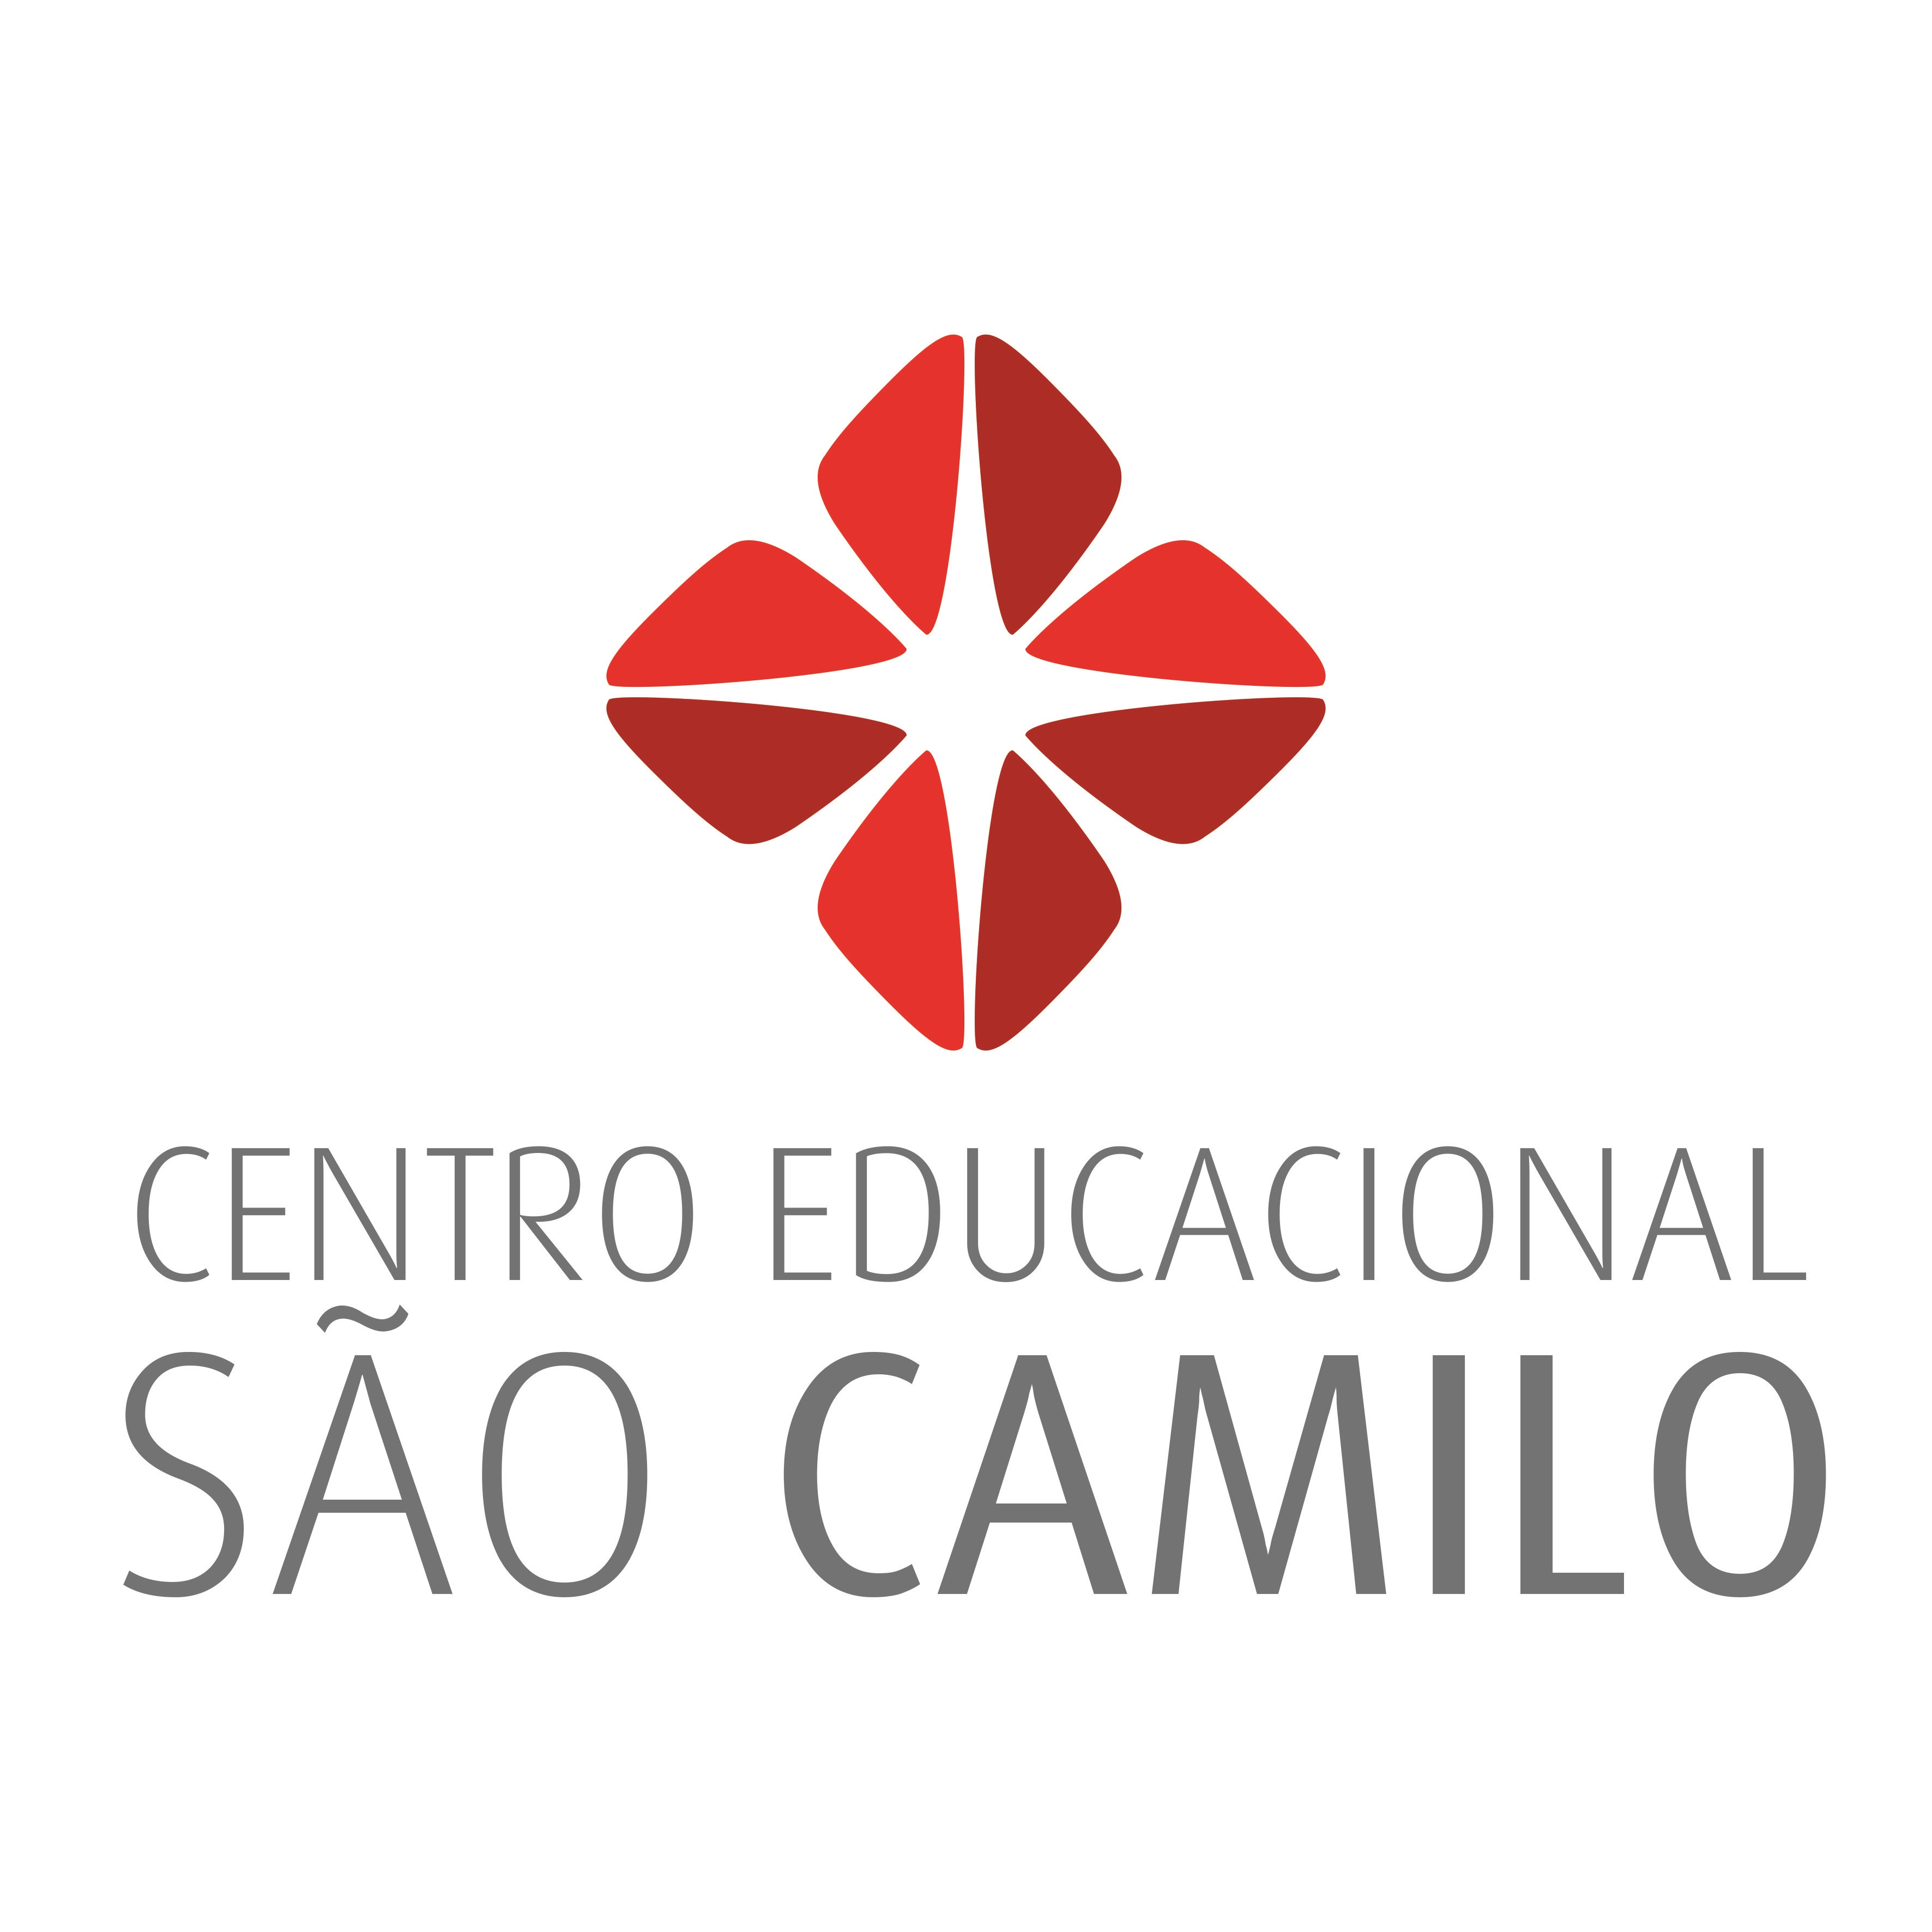 SAO CAMILO